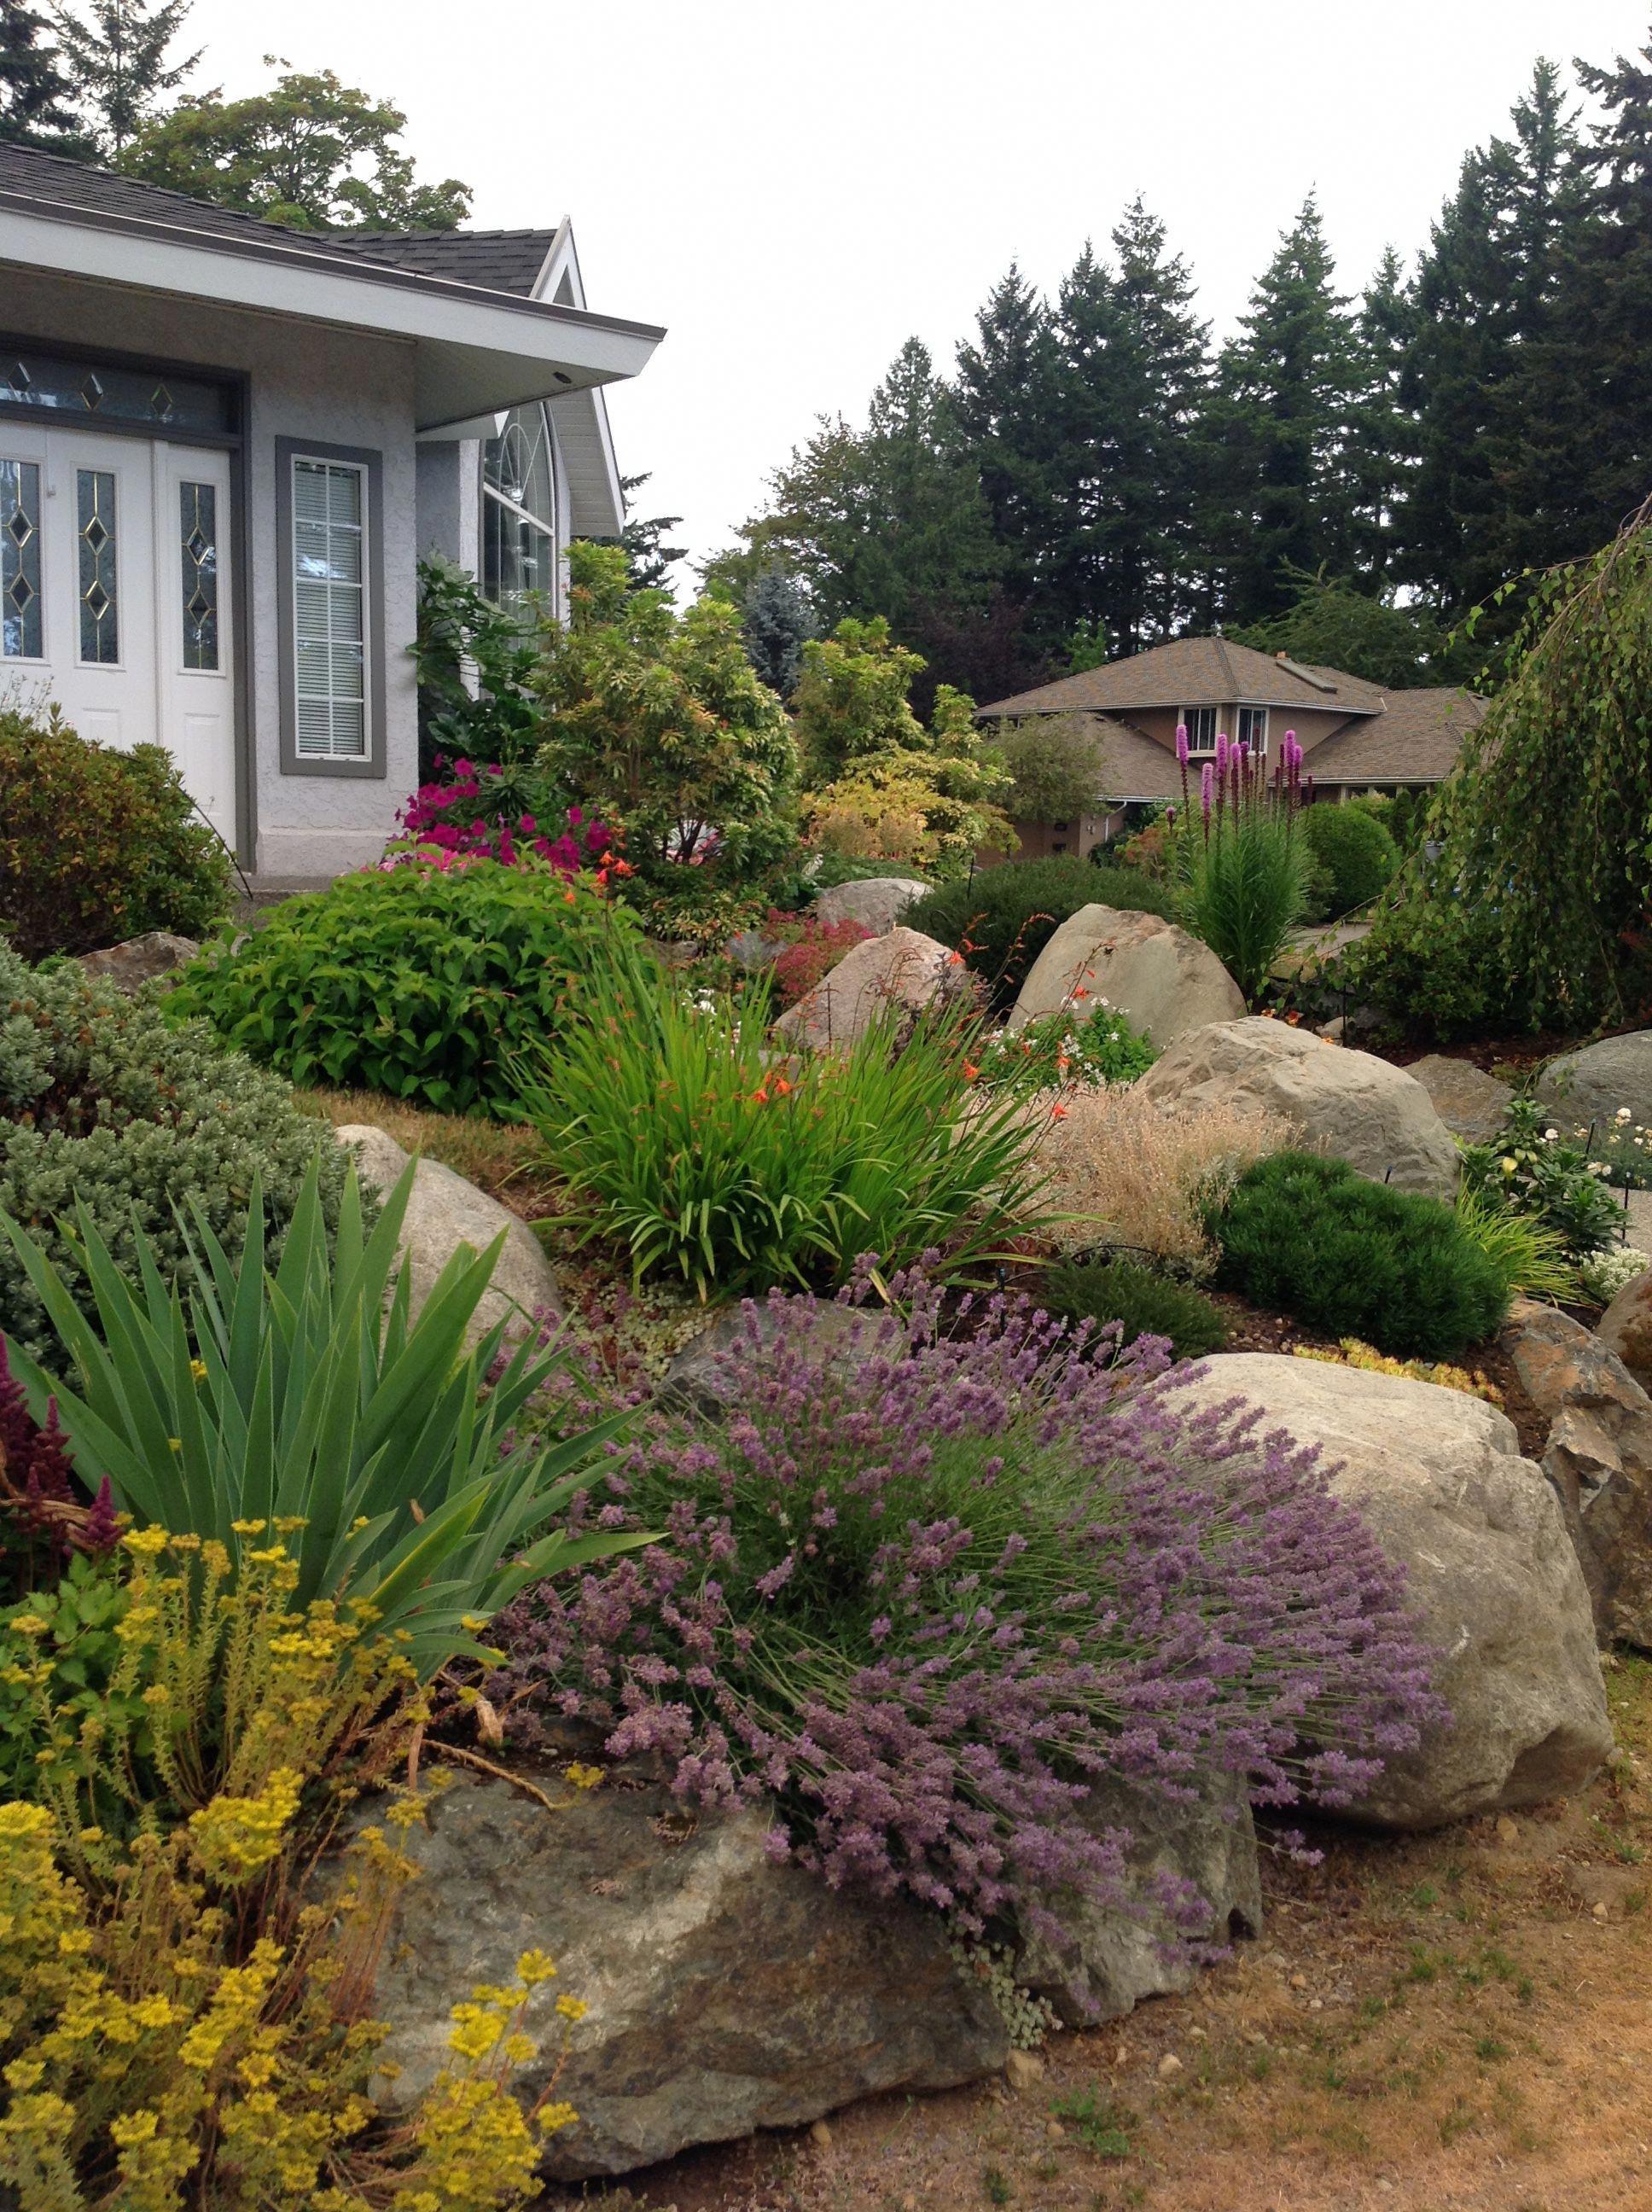 Landscaping A Corner Lot Landscaping With Rocks Front Yard Landscaping Landscape Design